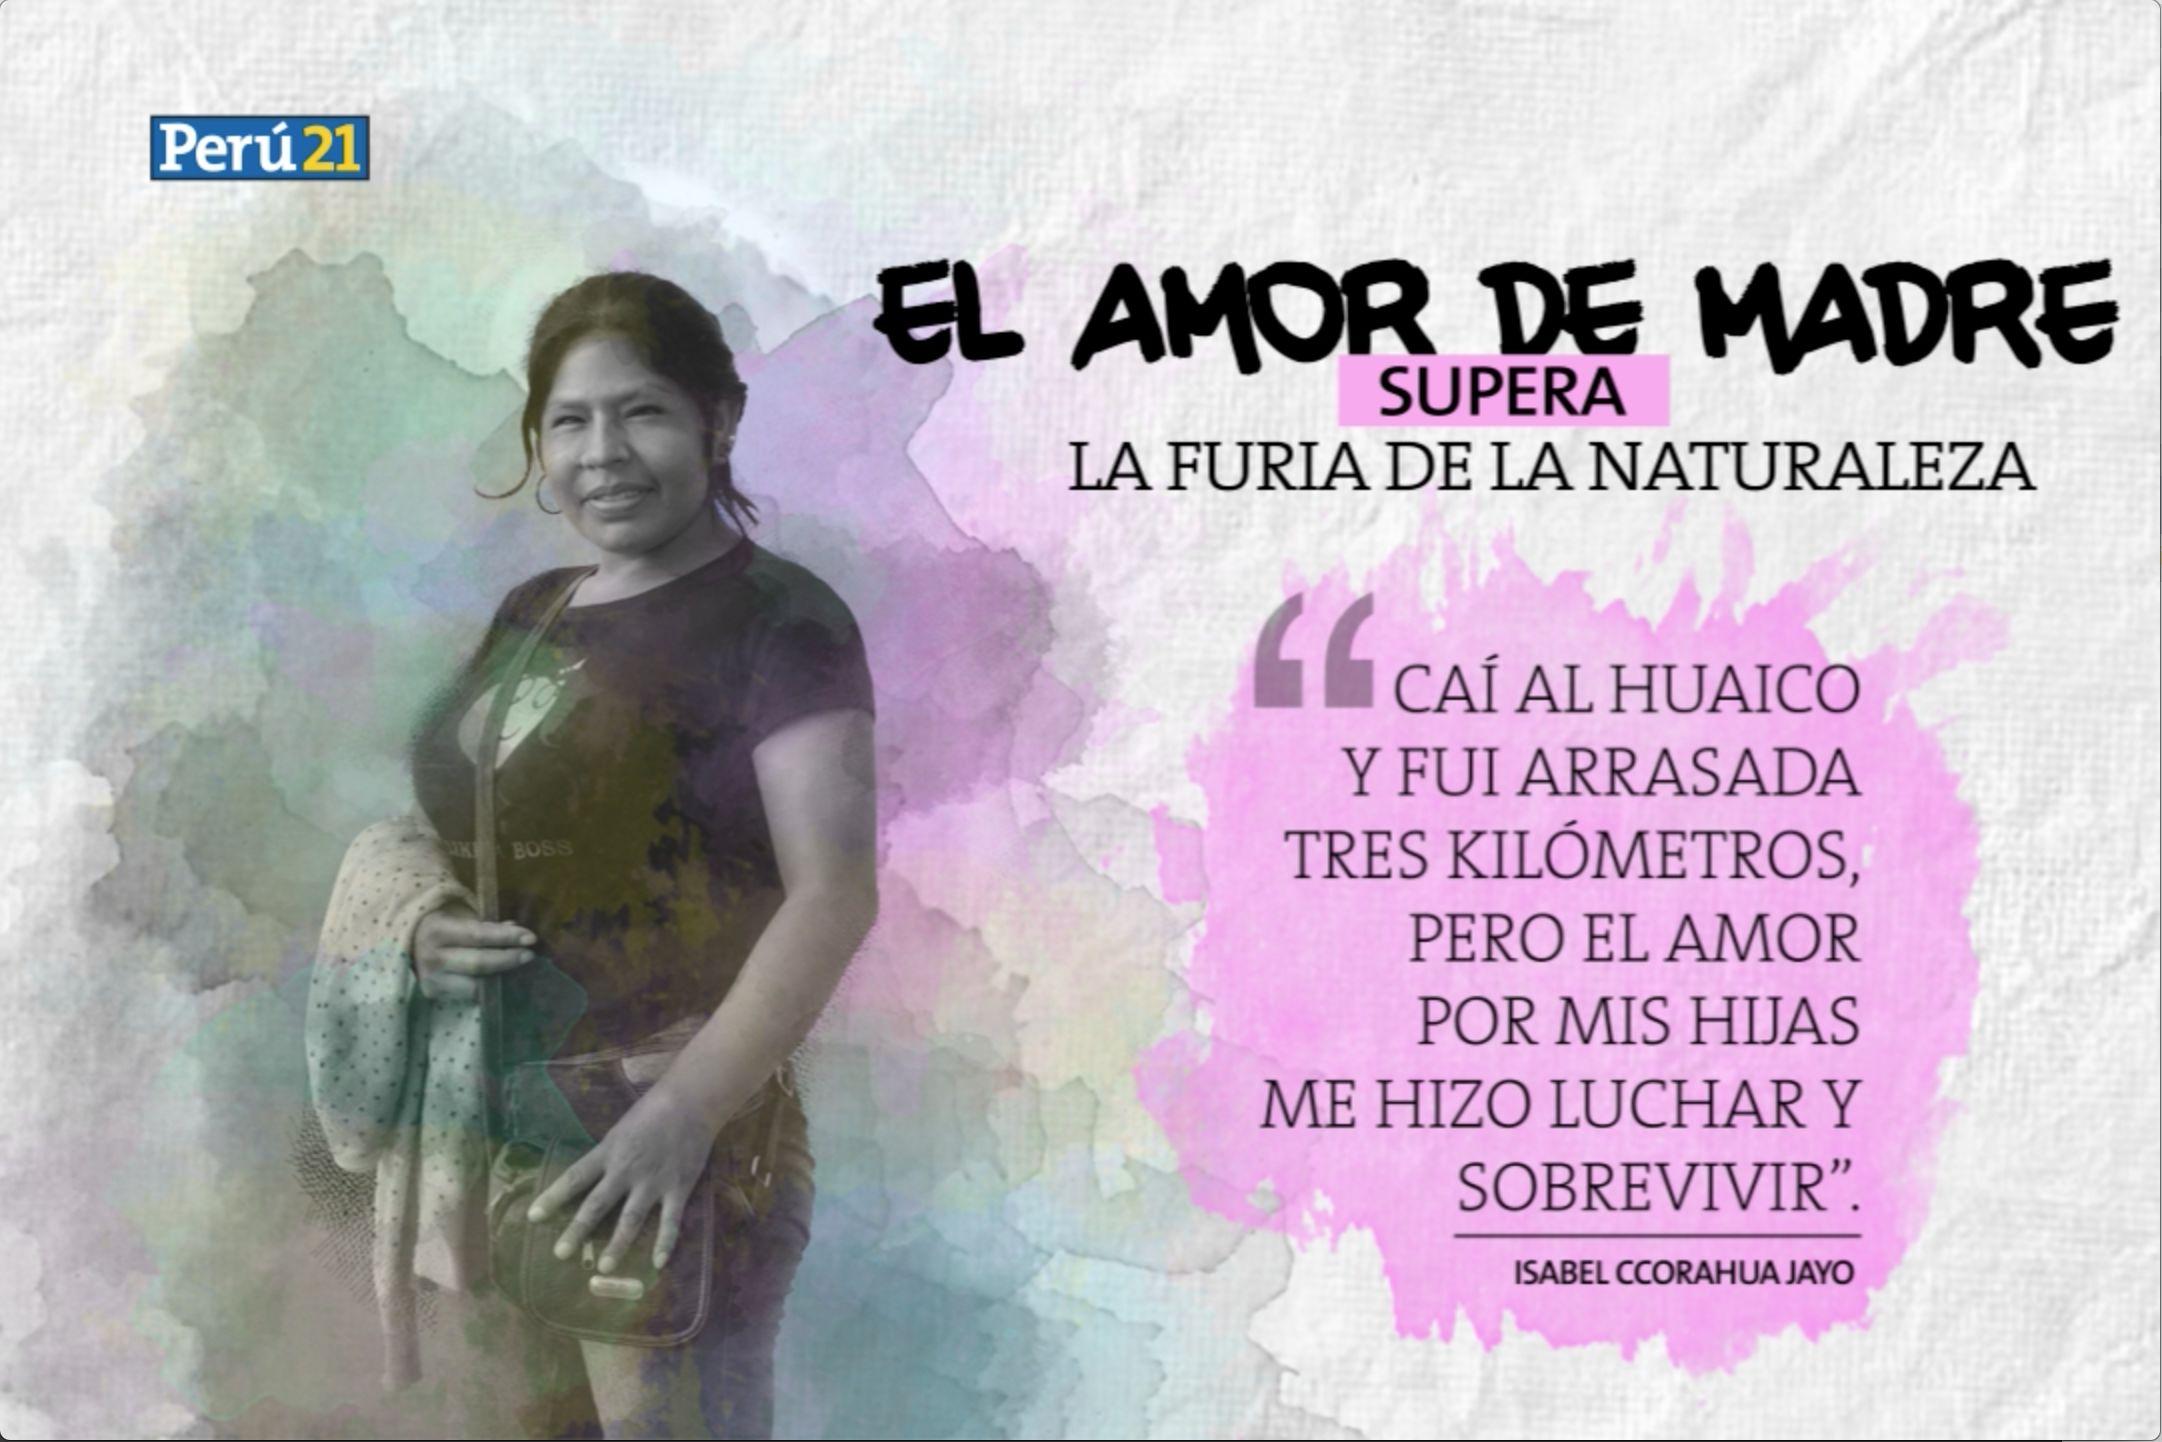 Madres Peruanas Coraje Sacrificio Paciencia Y Amor Lima Peru21